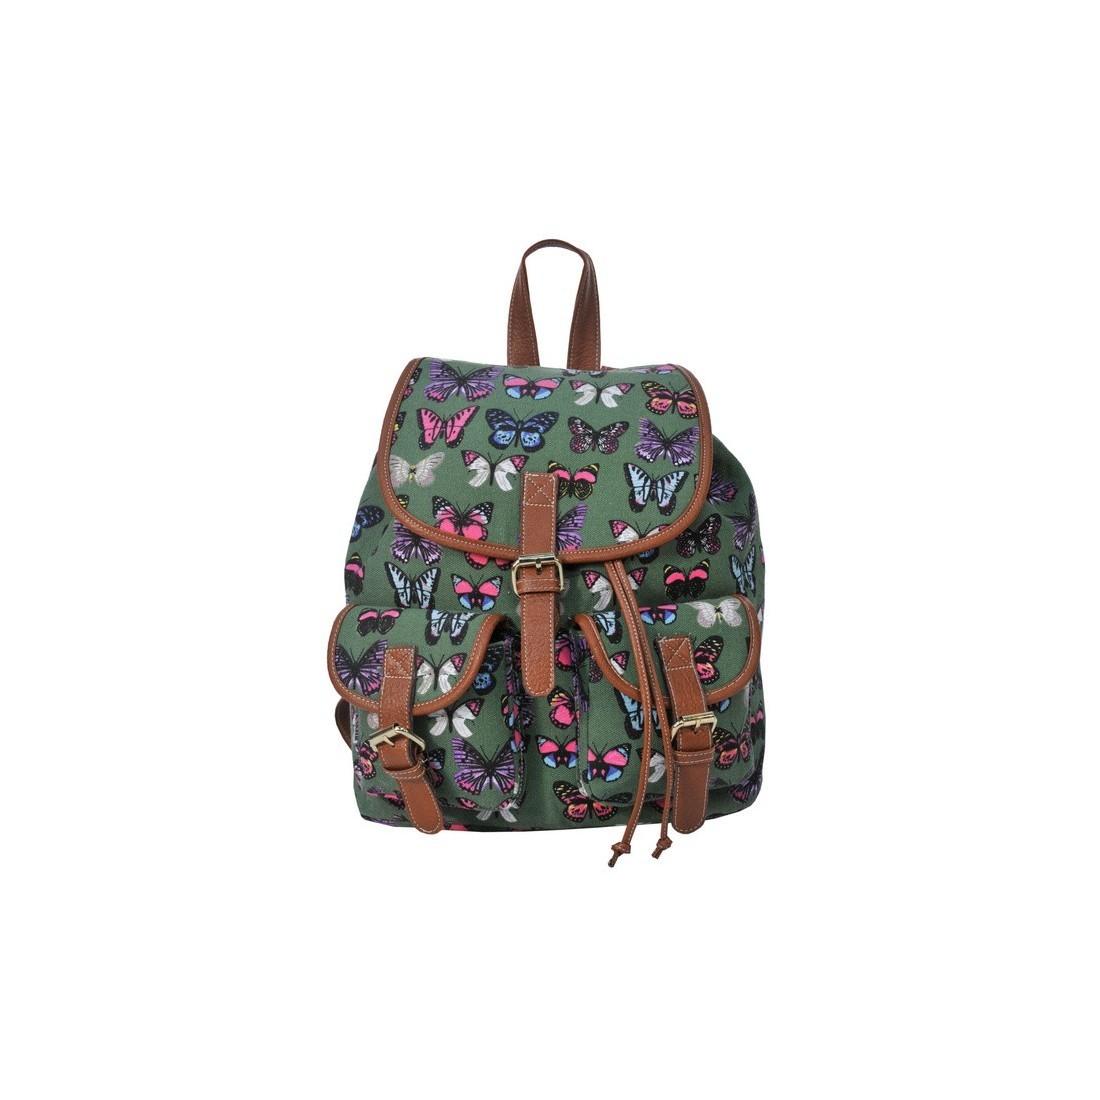 Plecak młodzieżowy Canvas Vintage zielony w motyle - plecak-tornister.pl